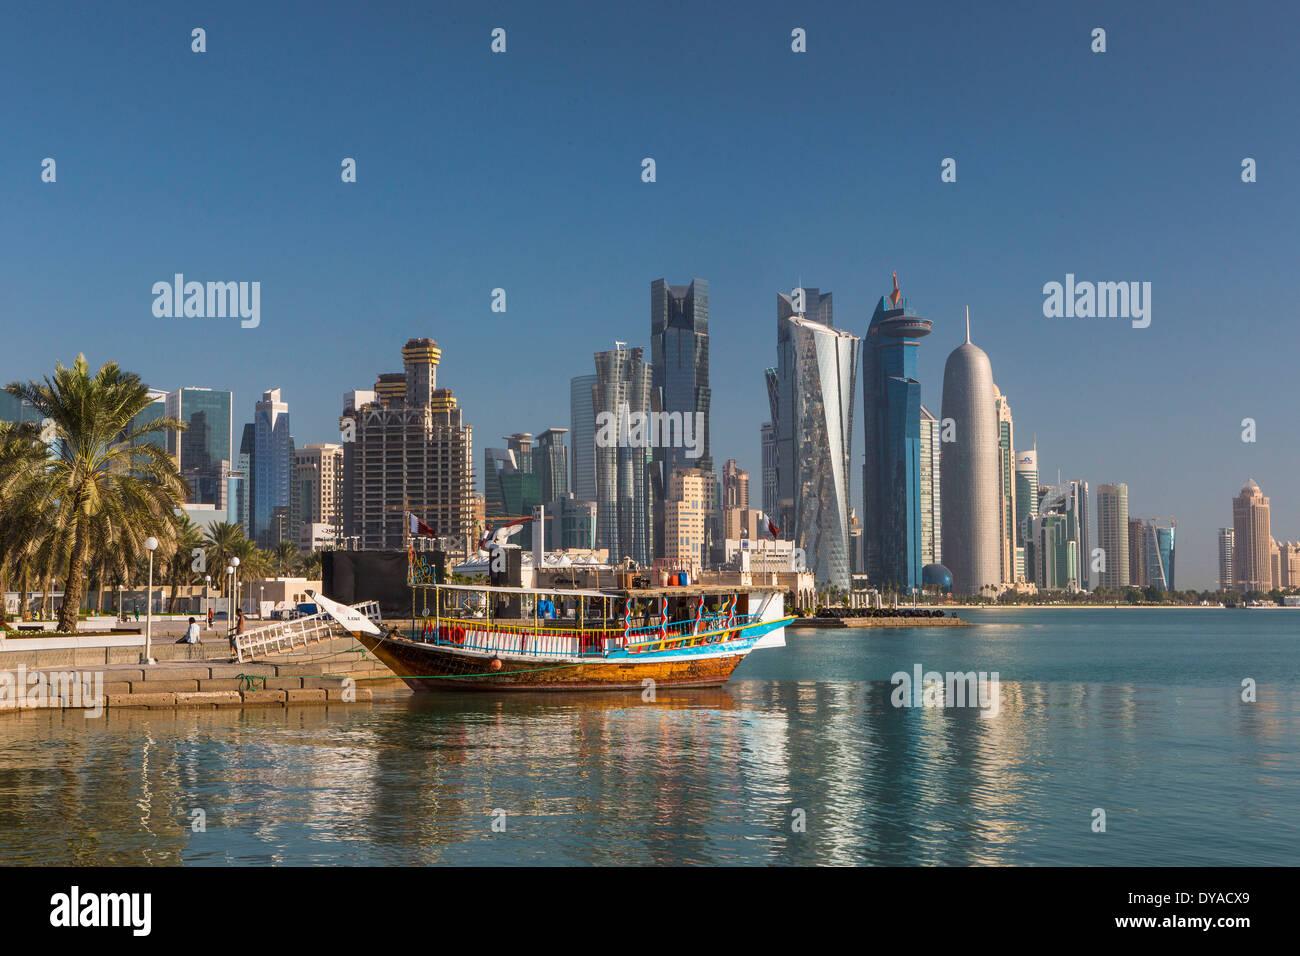 Al Bidda Burj Doha in Qatar Medio Oriente World Trade Center architettura barca bay city colorato corniche avveniristico Palm tree p Immagini Stock